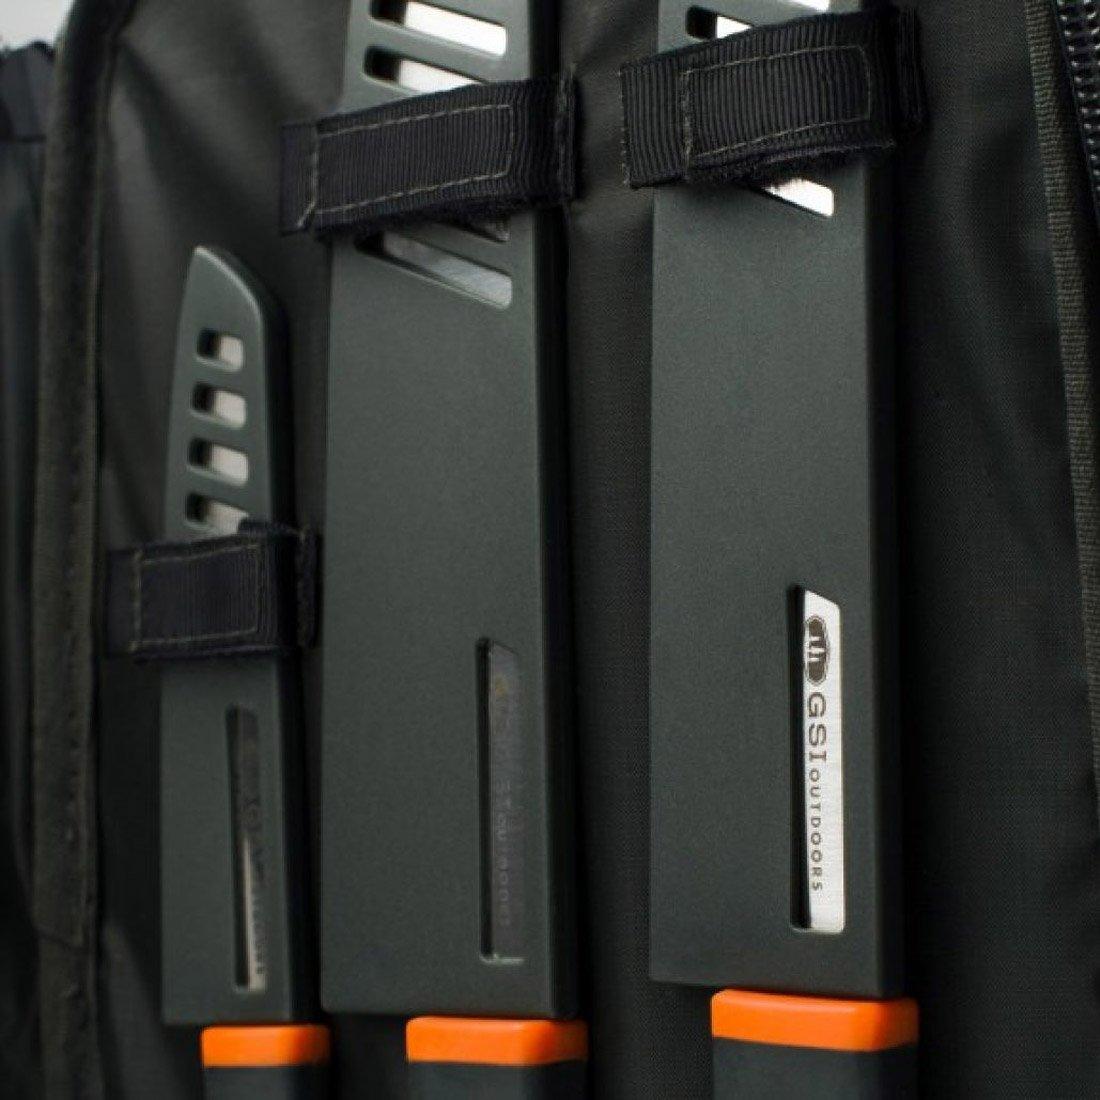 ערכת סכיני מטבח לשטח - Santoku Knife Set - GSI